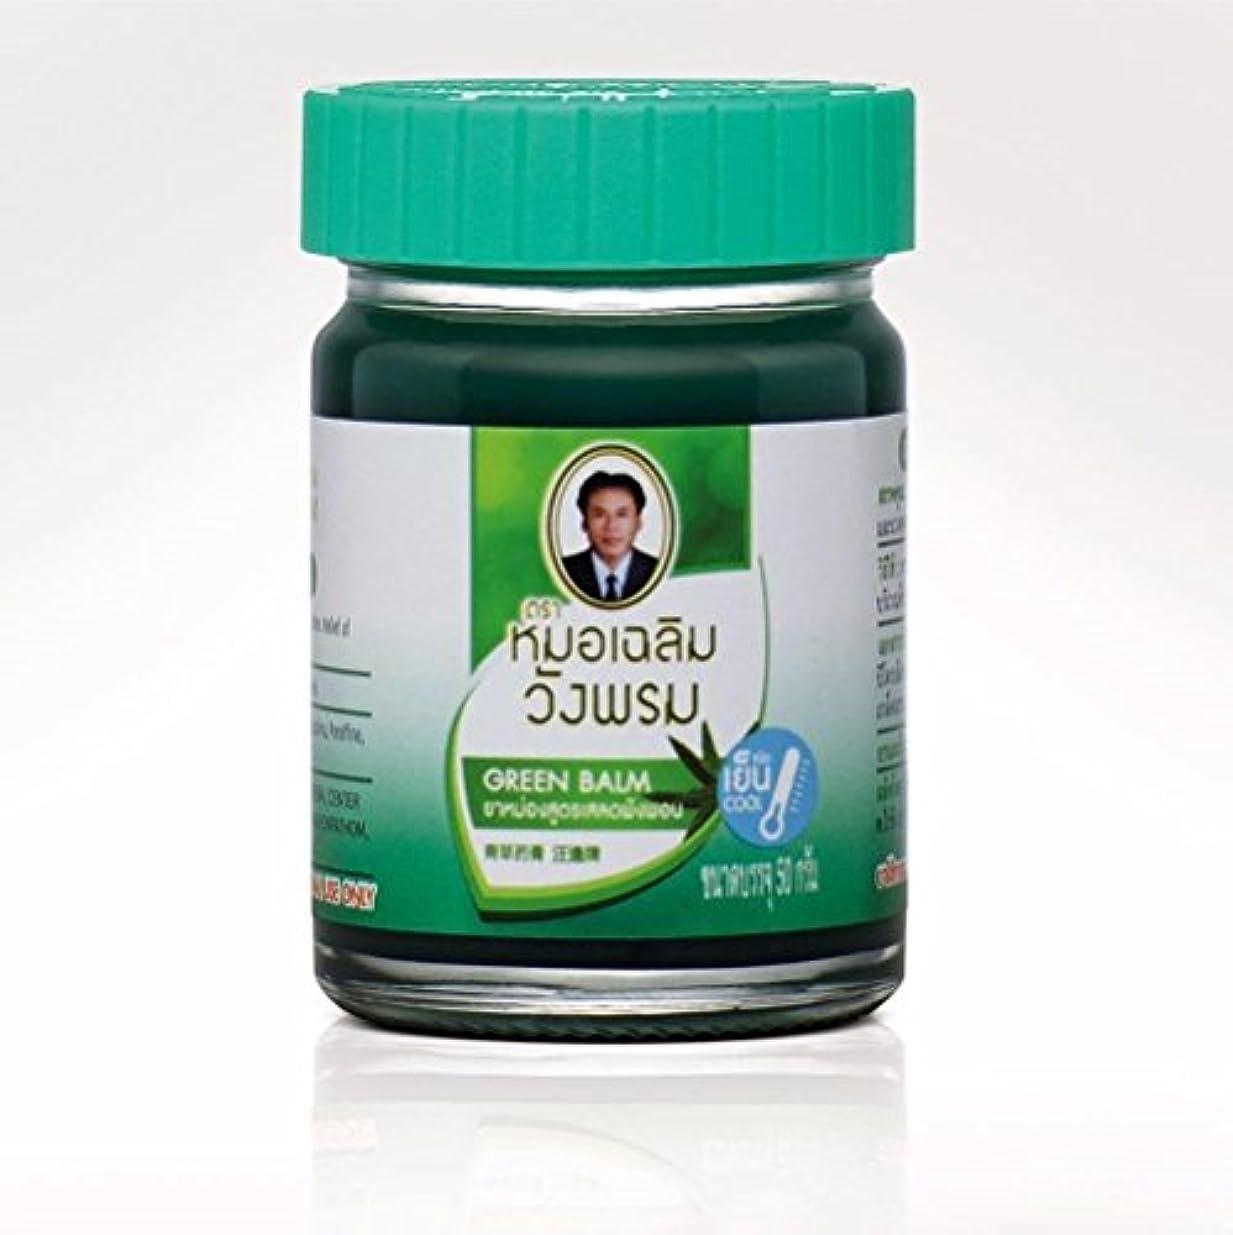 銅棚コジオスコ50G.Wangphrom Thai Herbal Balm Massage Body Relief Muscle Pain,Thai Herb Green Balm (COOL) size 50 gram..(2 pc.)